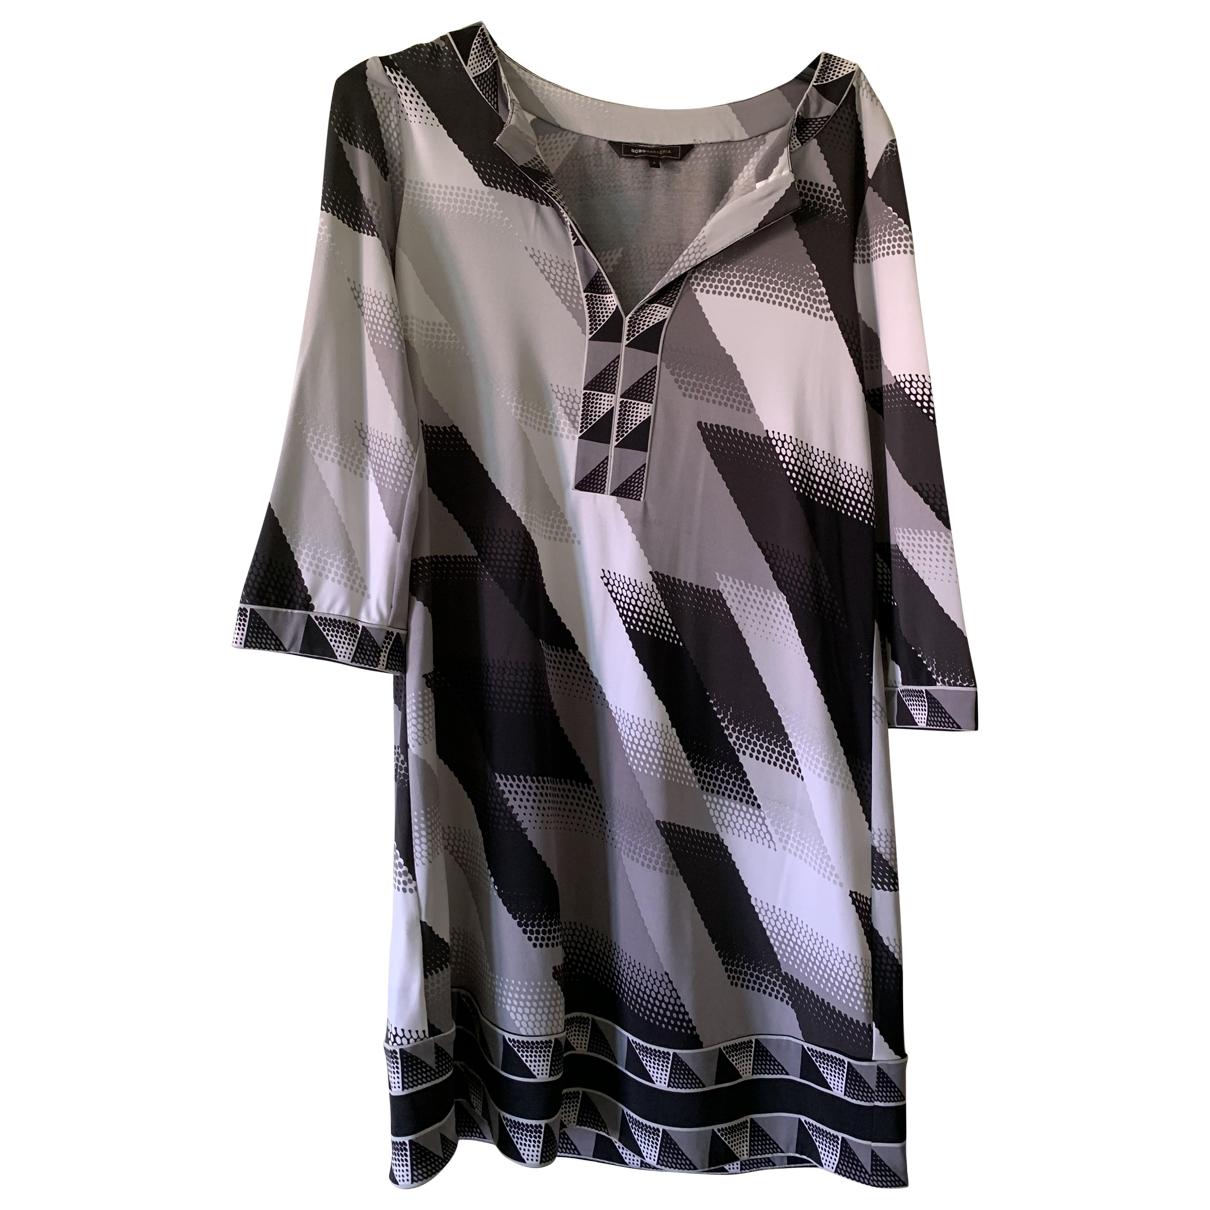 Bcbg Max Azria \N Kleid in  Grau Polyester